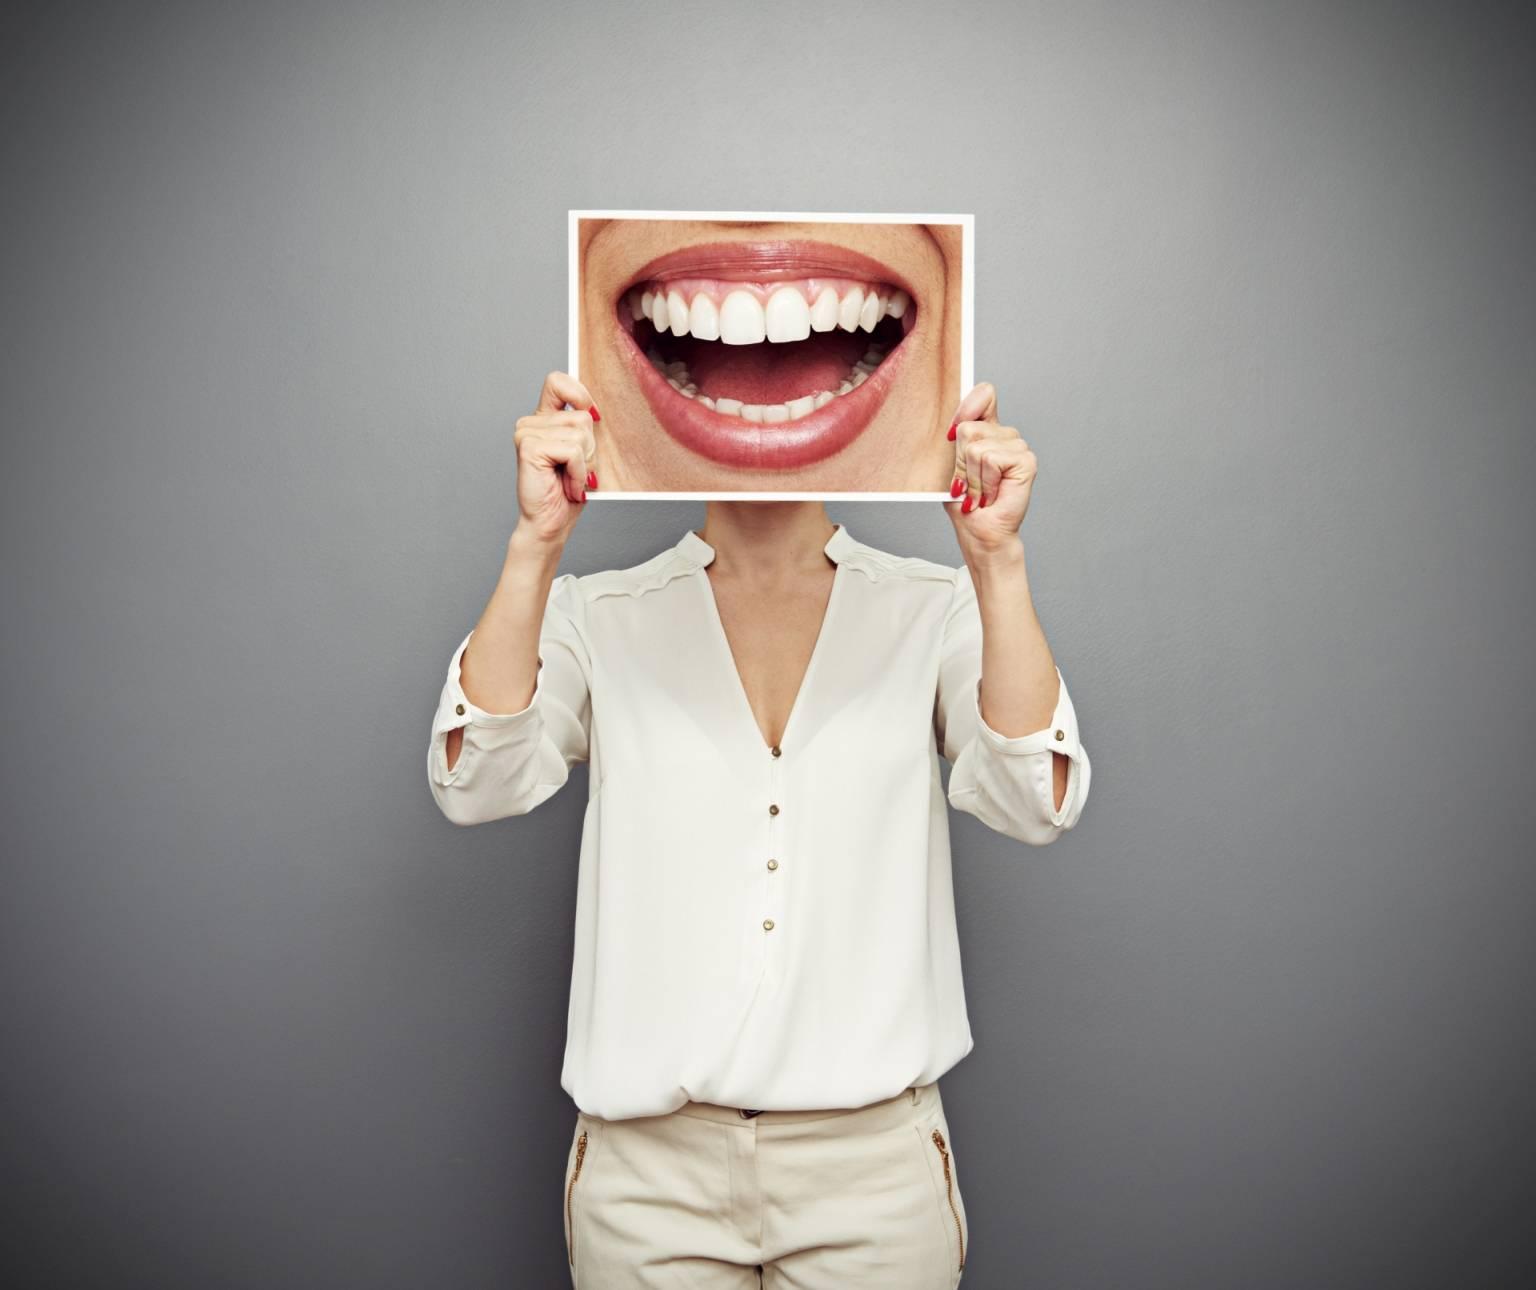 Naturalne sposoby na pleśniawki u dorosłych. Kobieta trzyma na wysokości twarzy zdjęcie uśmiechniętej buzi.